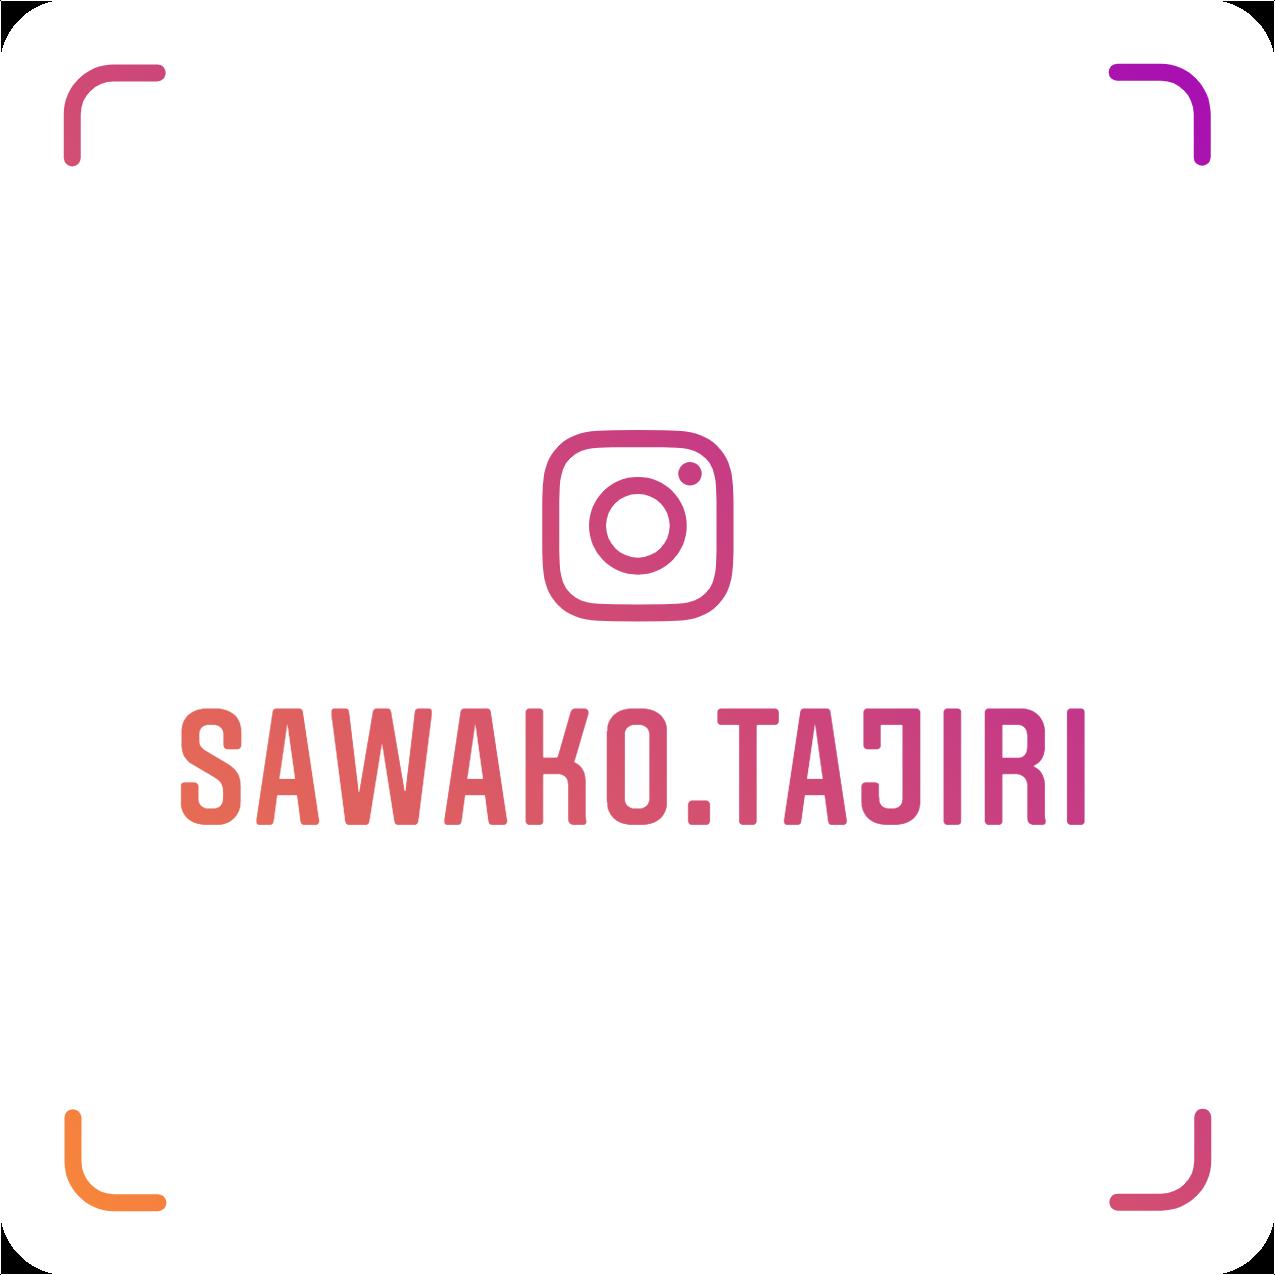 sawako.tajiri_nametag.png